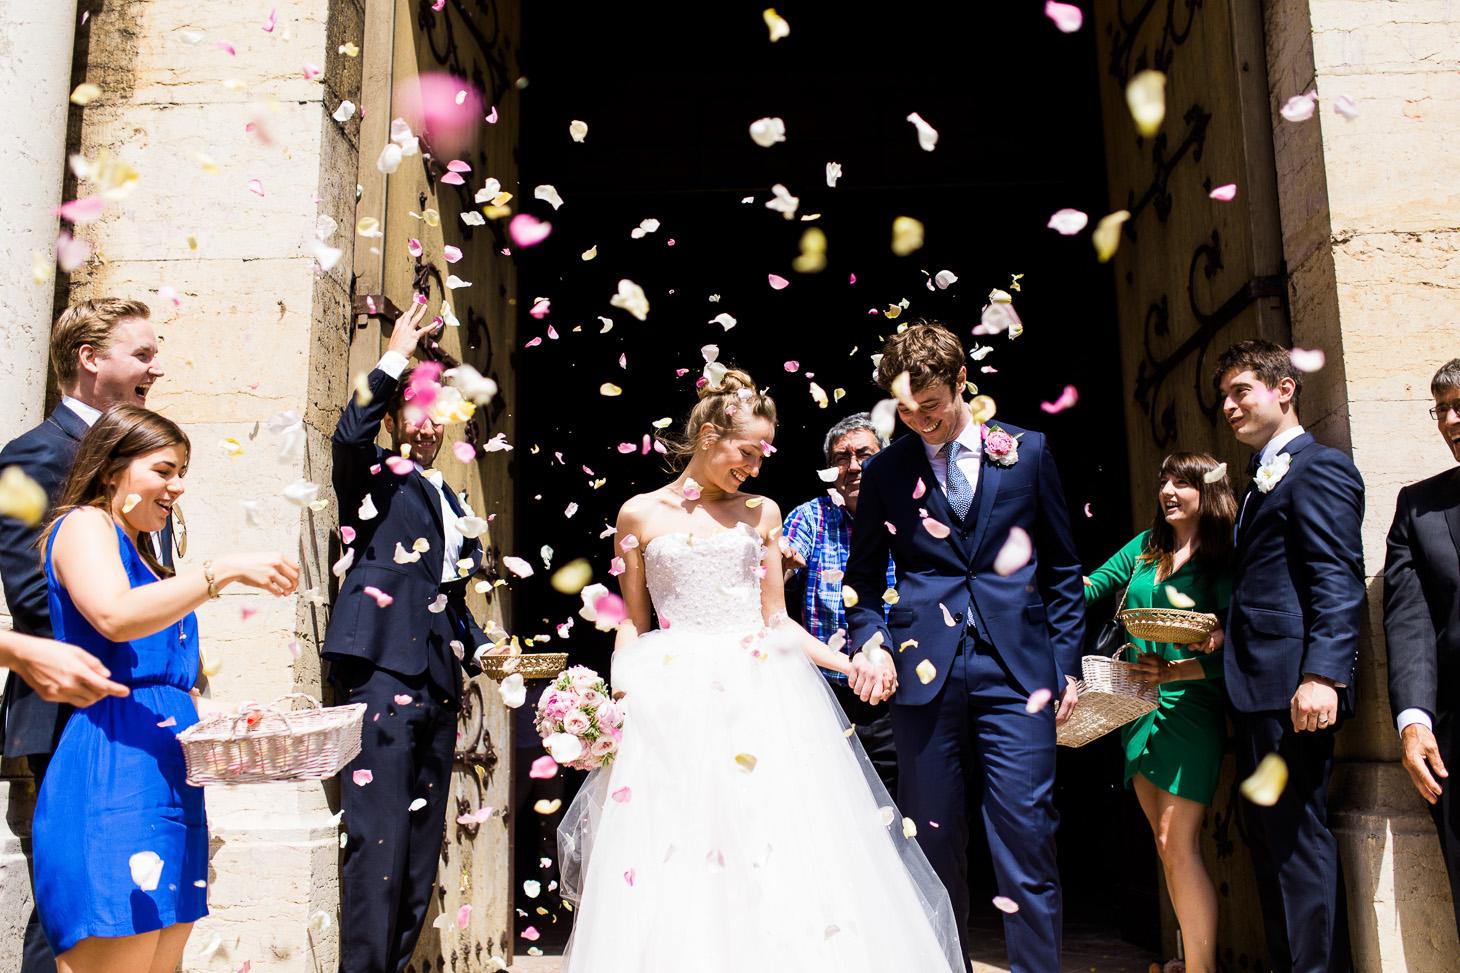 bourgogne_wedding_photographer_chateau_pommard-034